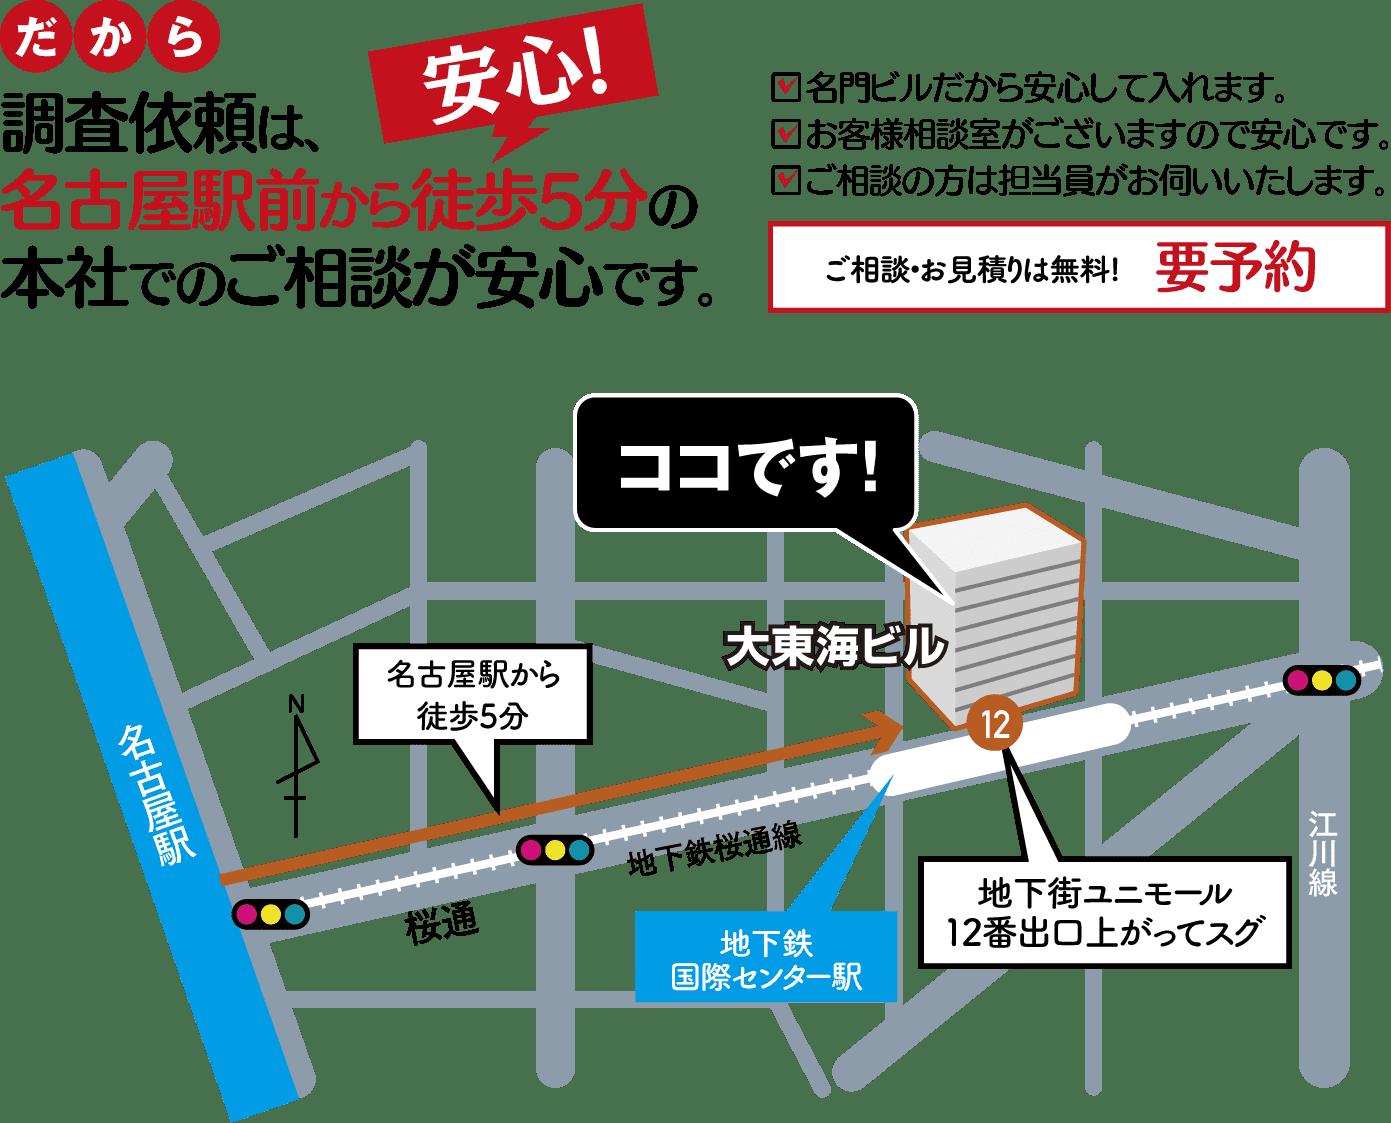 名古屋の解決探偵、高田幸枝調査事務所調査依頼は名古屋駅前から徒歩5分の本社でのご相談が安心です